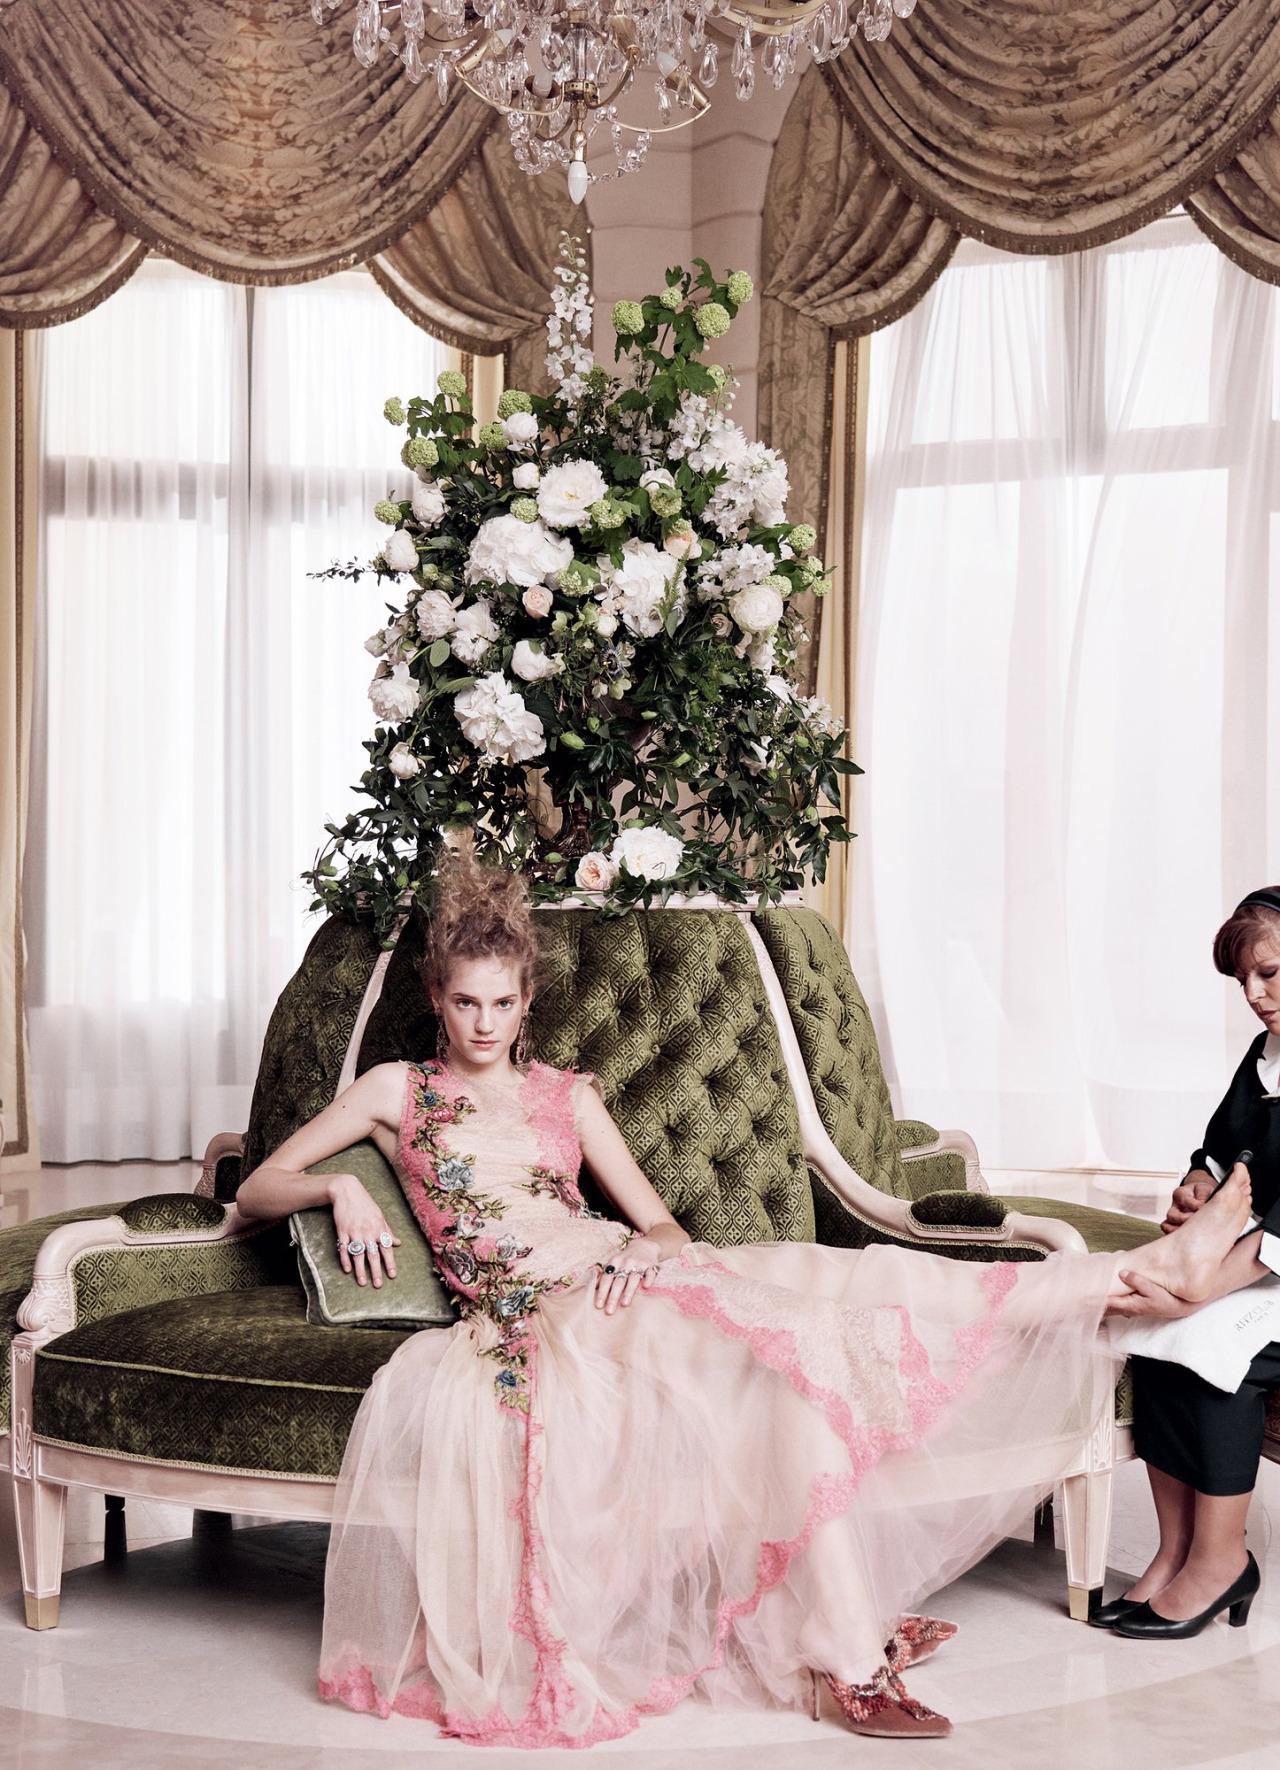 Grand Hotel Vogue US July 2016 Anna Brewster, Noemie Schmidt, George Blagden Mikael Jansson